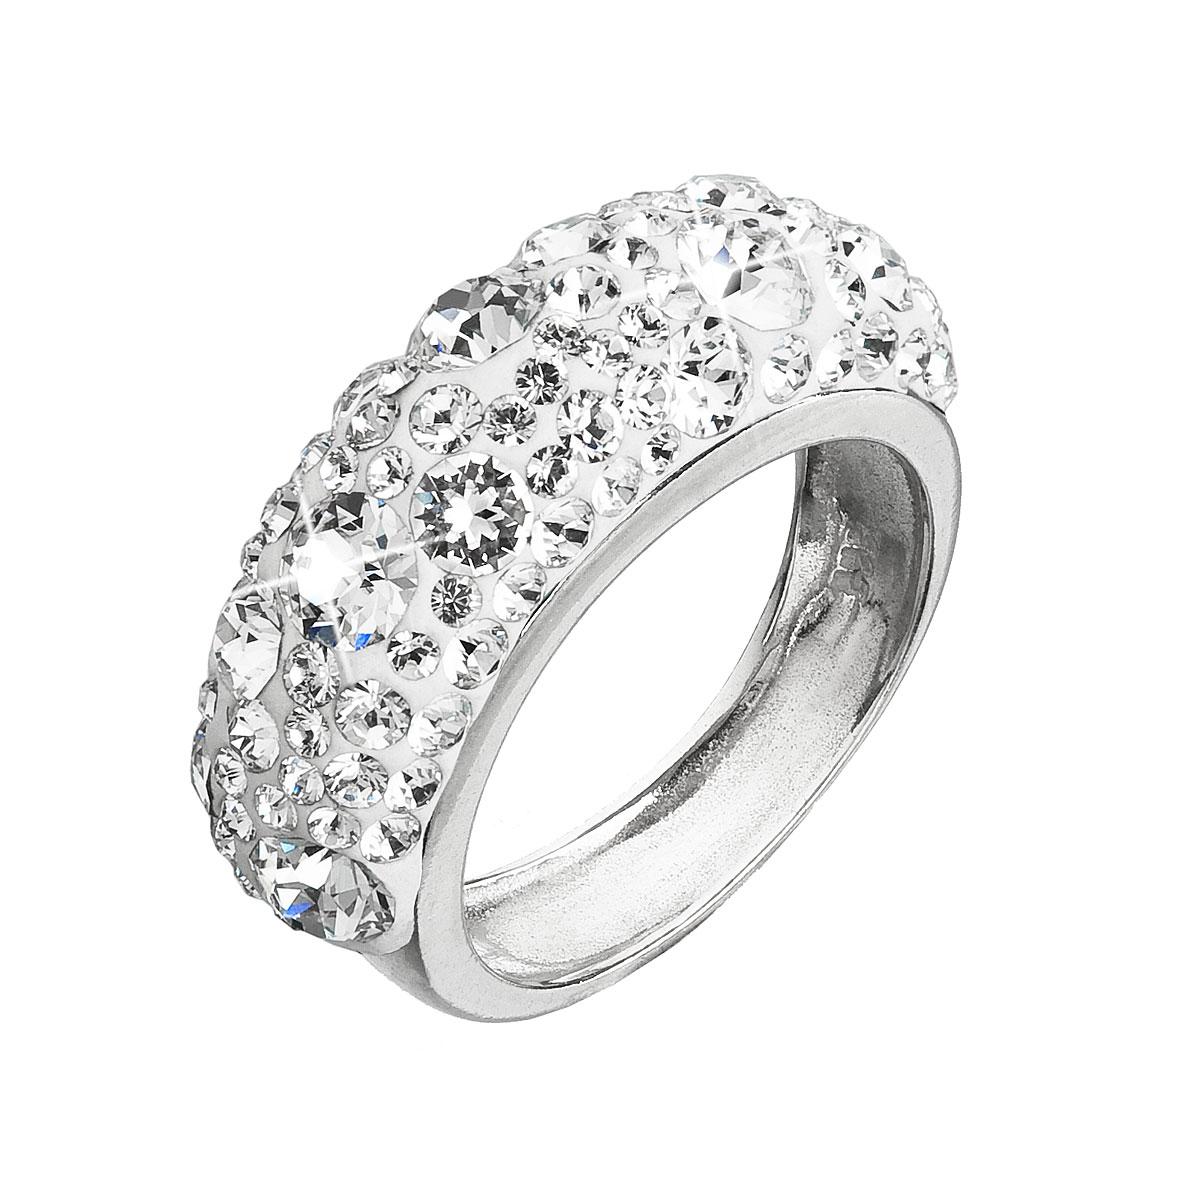 Strieborný prsteň s krištáľmi Swarovski biely 35031.1